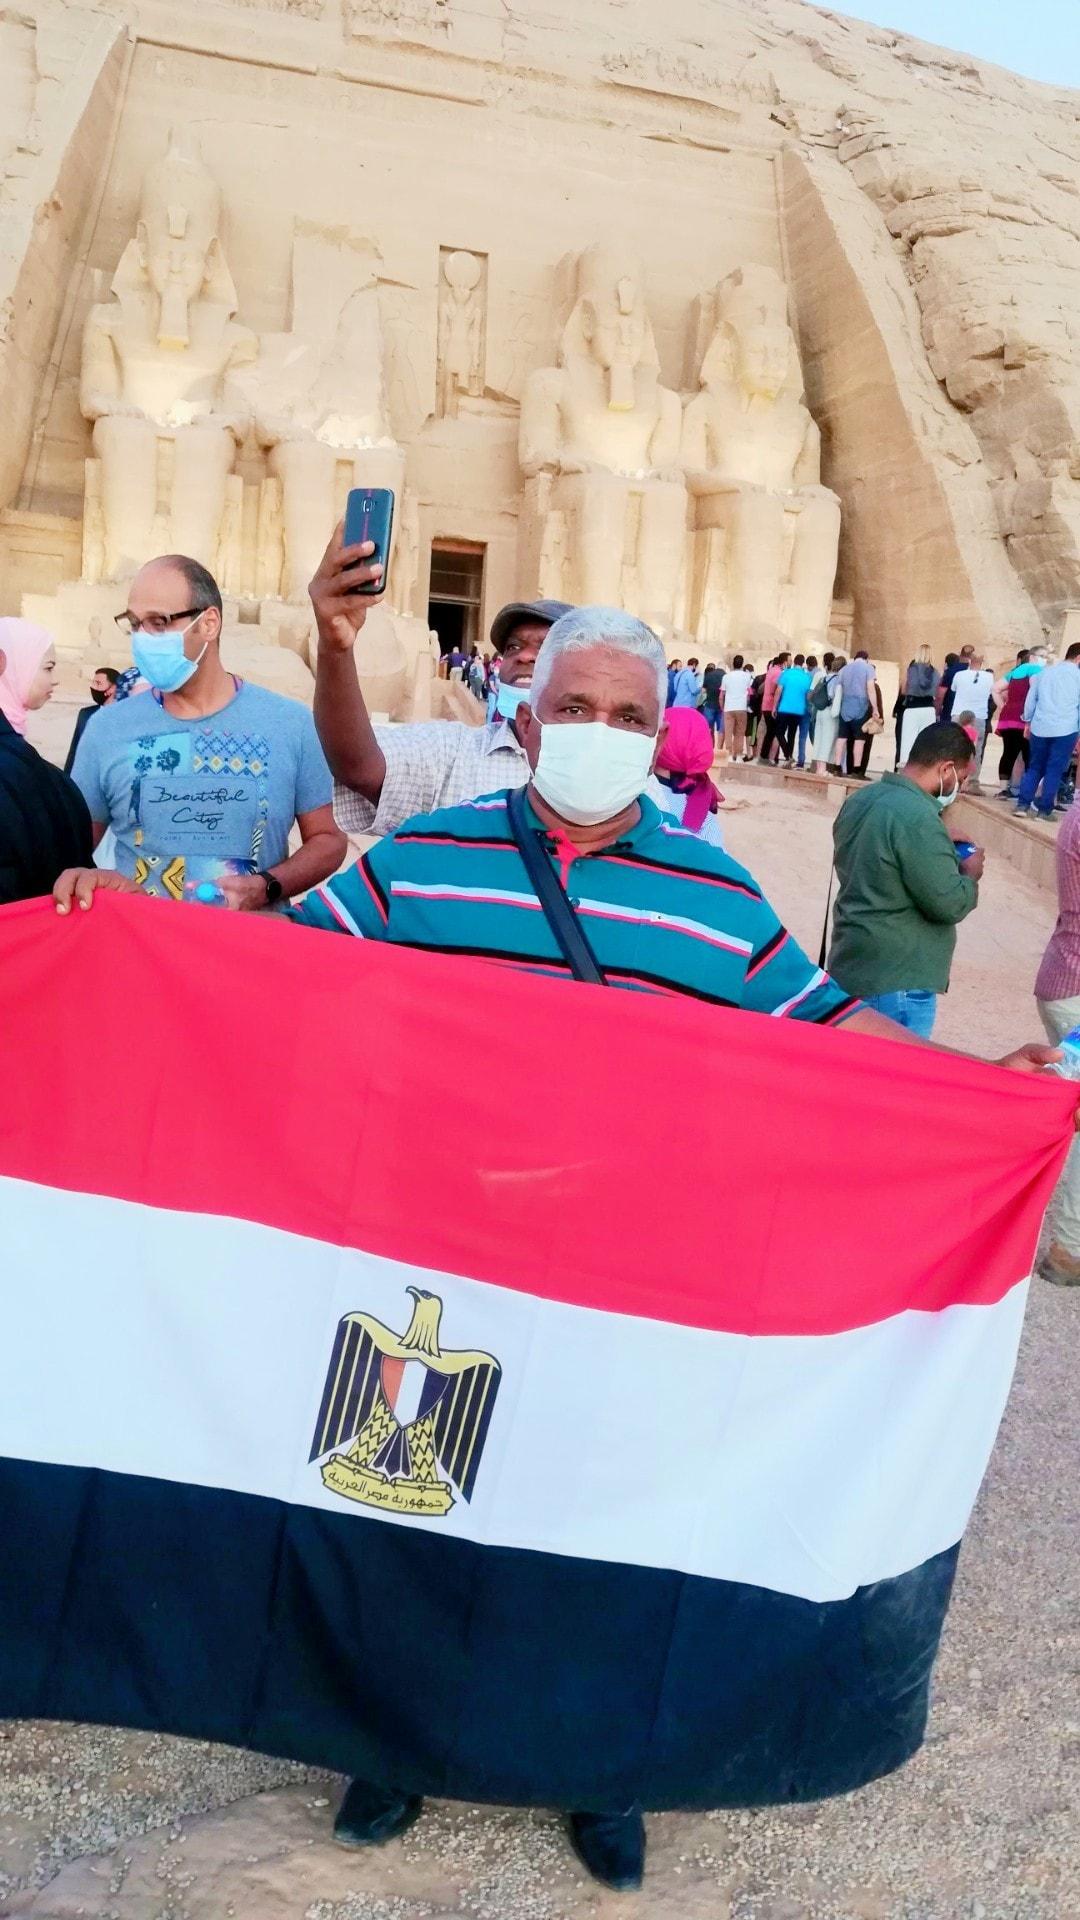 أعلام مصر فى المعبد (1)